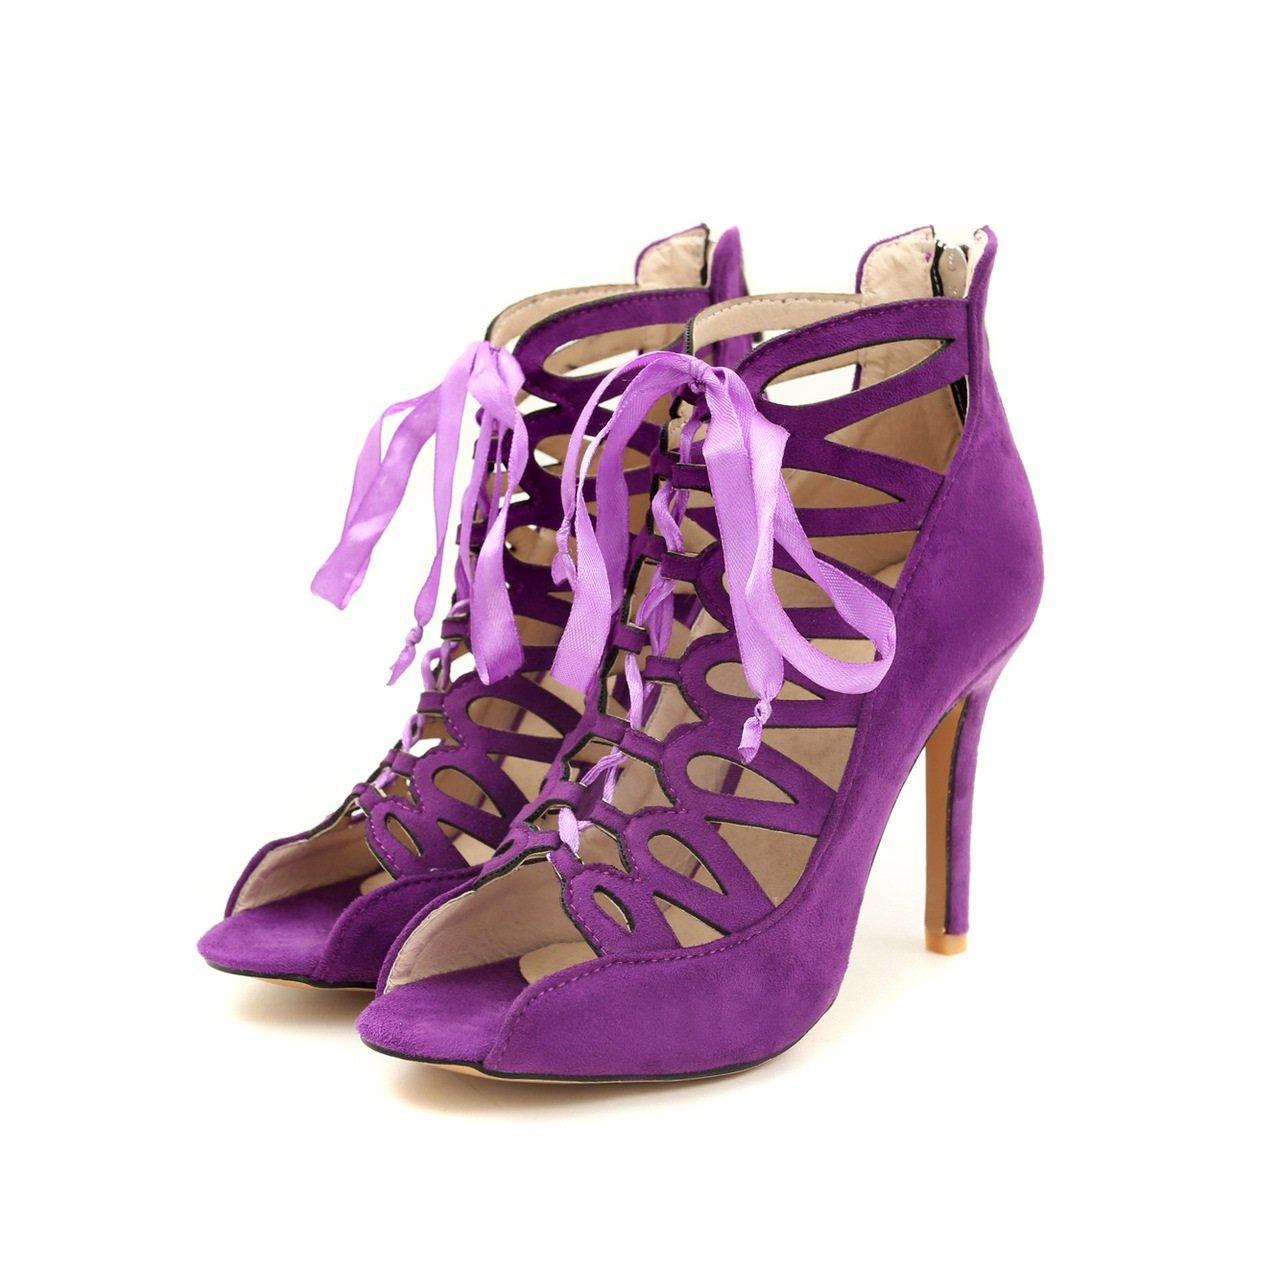 Scarpe da donna 2018 Modelli di esplosione Scarpe con da donna Scarpe con Scarpe fori vuoti Sandali con tacco largo Sandali con il nastro Sandali con tacco alto da donna (Color : Viola, Dimensione : 39)  Viola 6bce7e